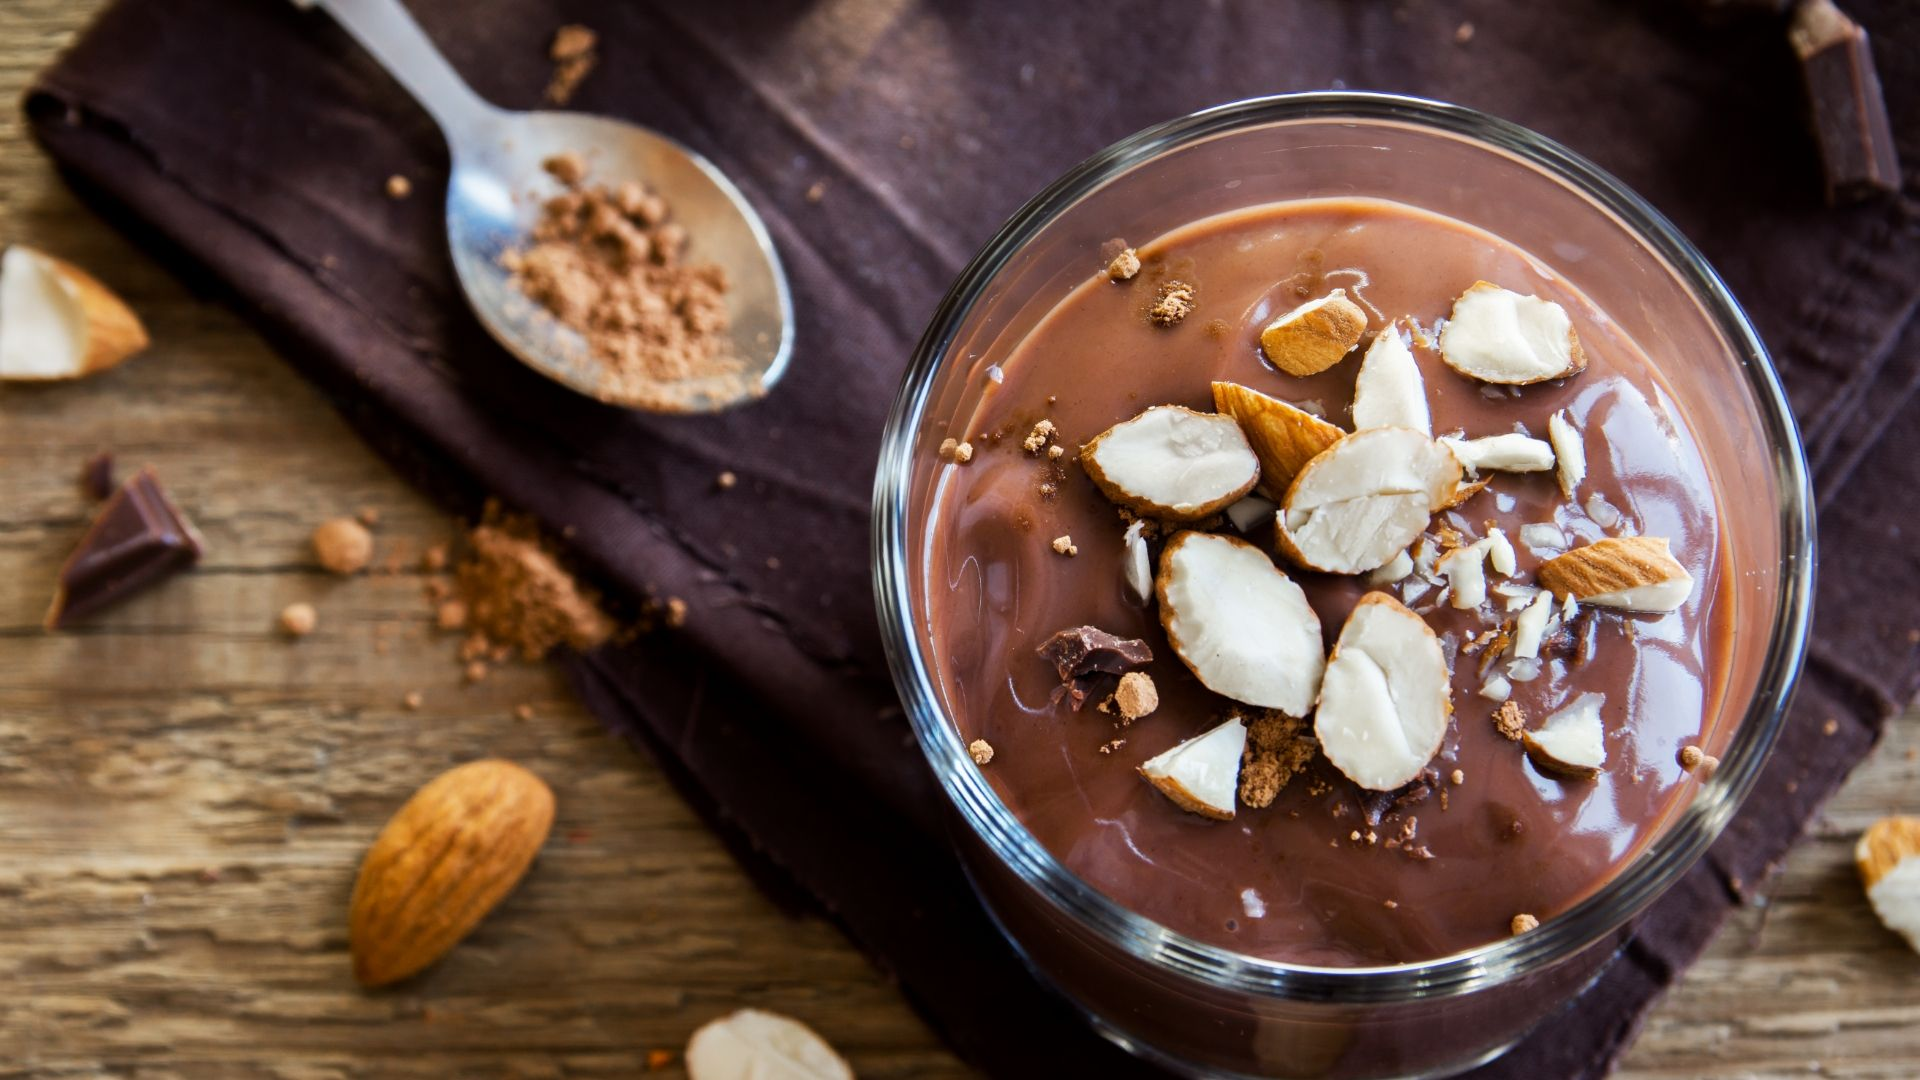 Crème au chocolat vegan et sans gluten